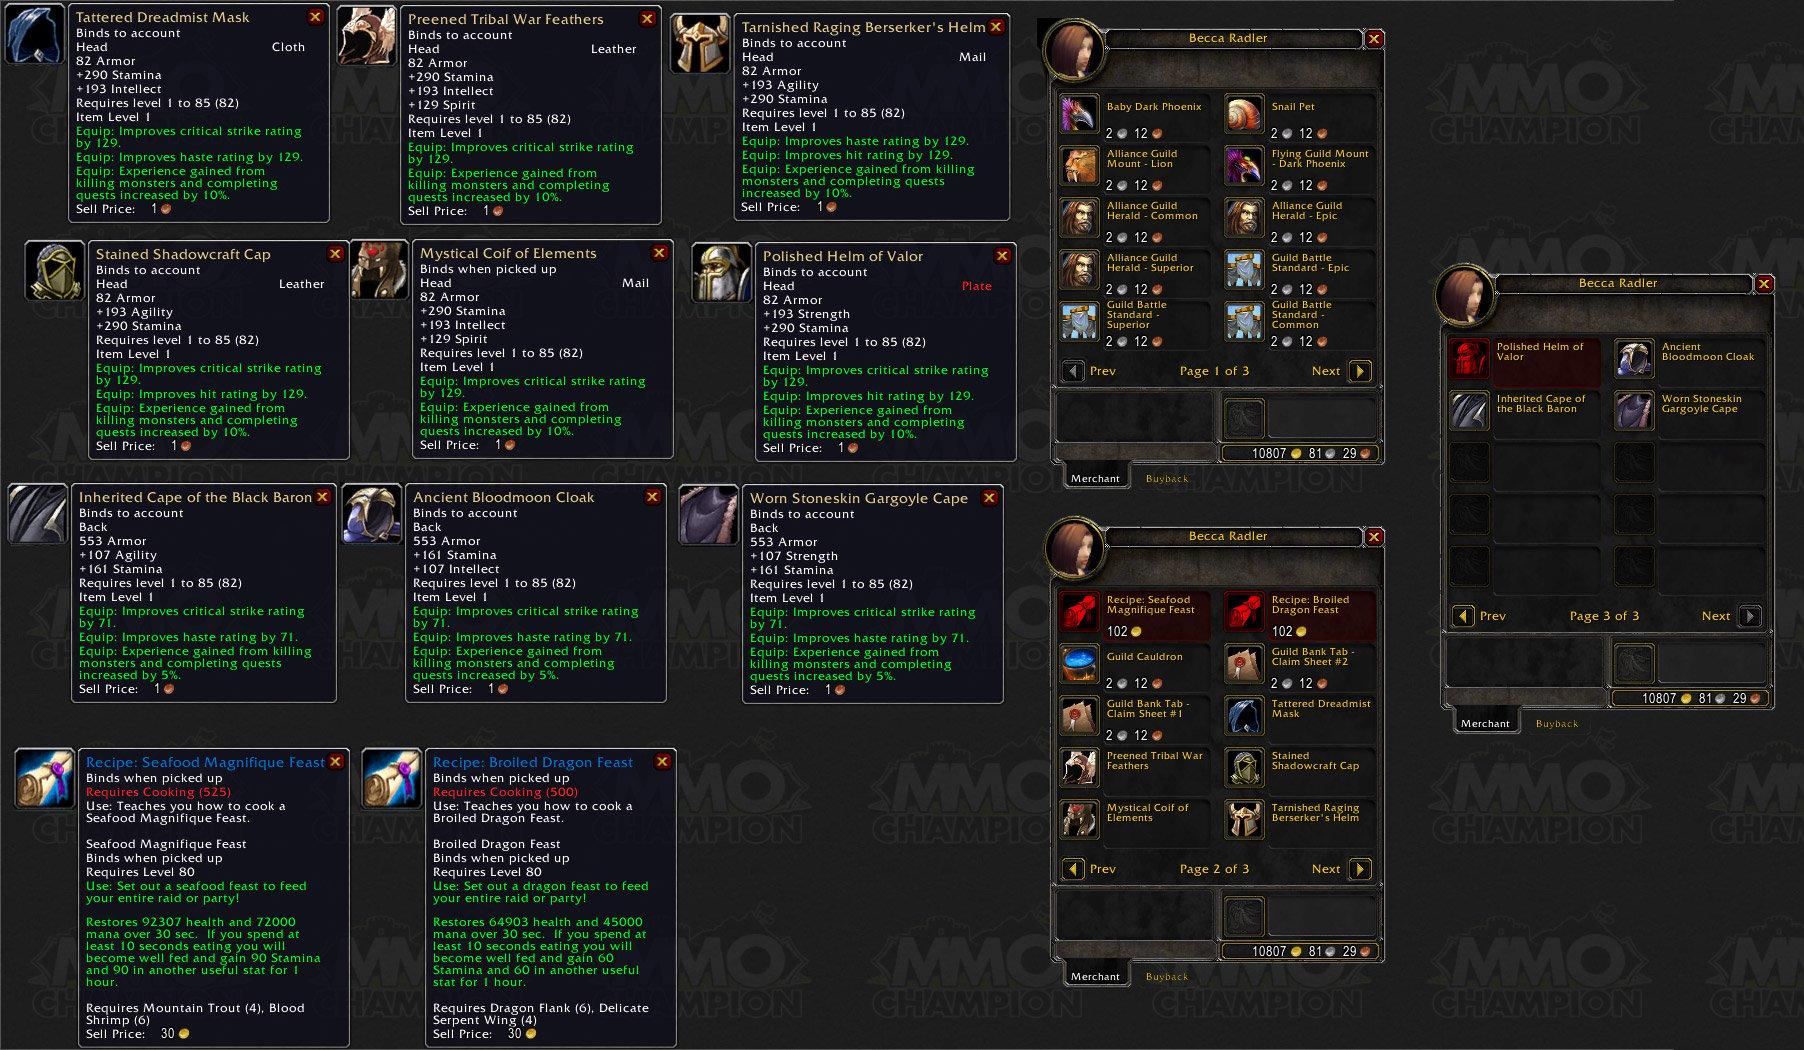 Update 07:40PM PST - Added Guild vendor rewards .